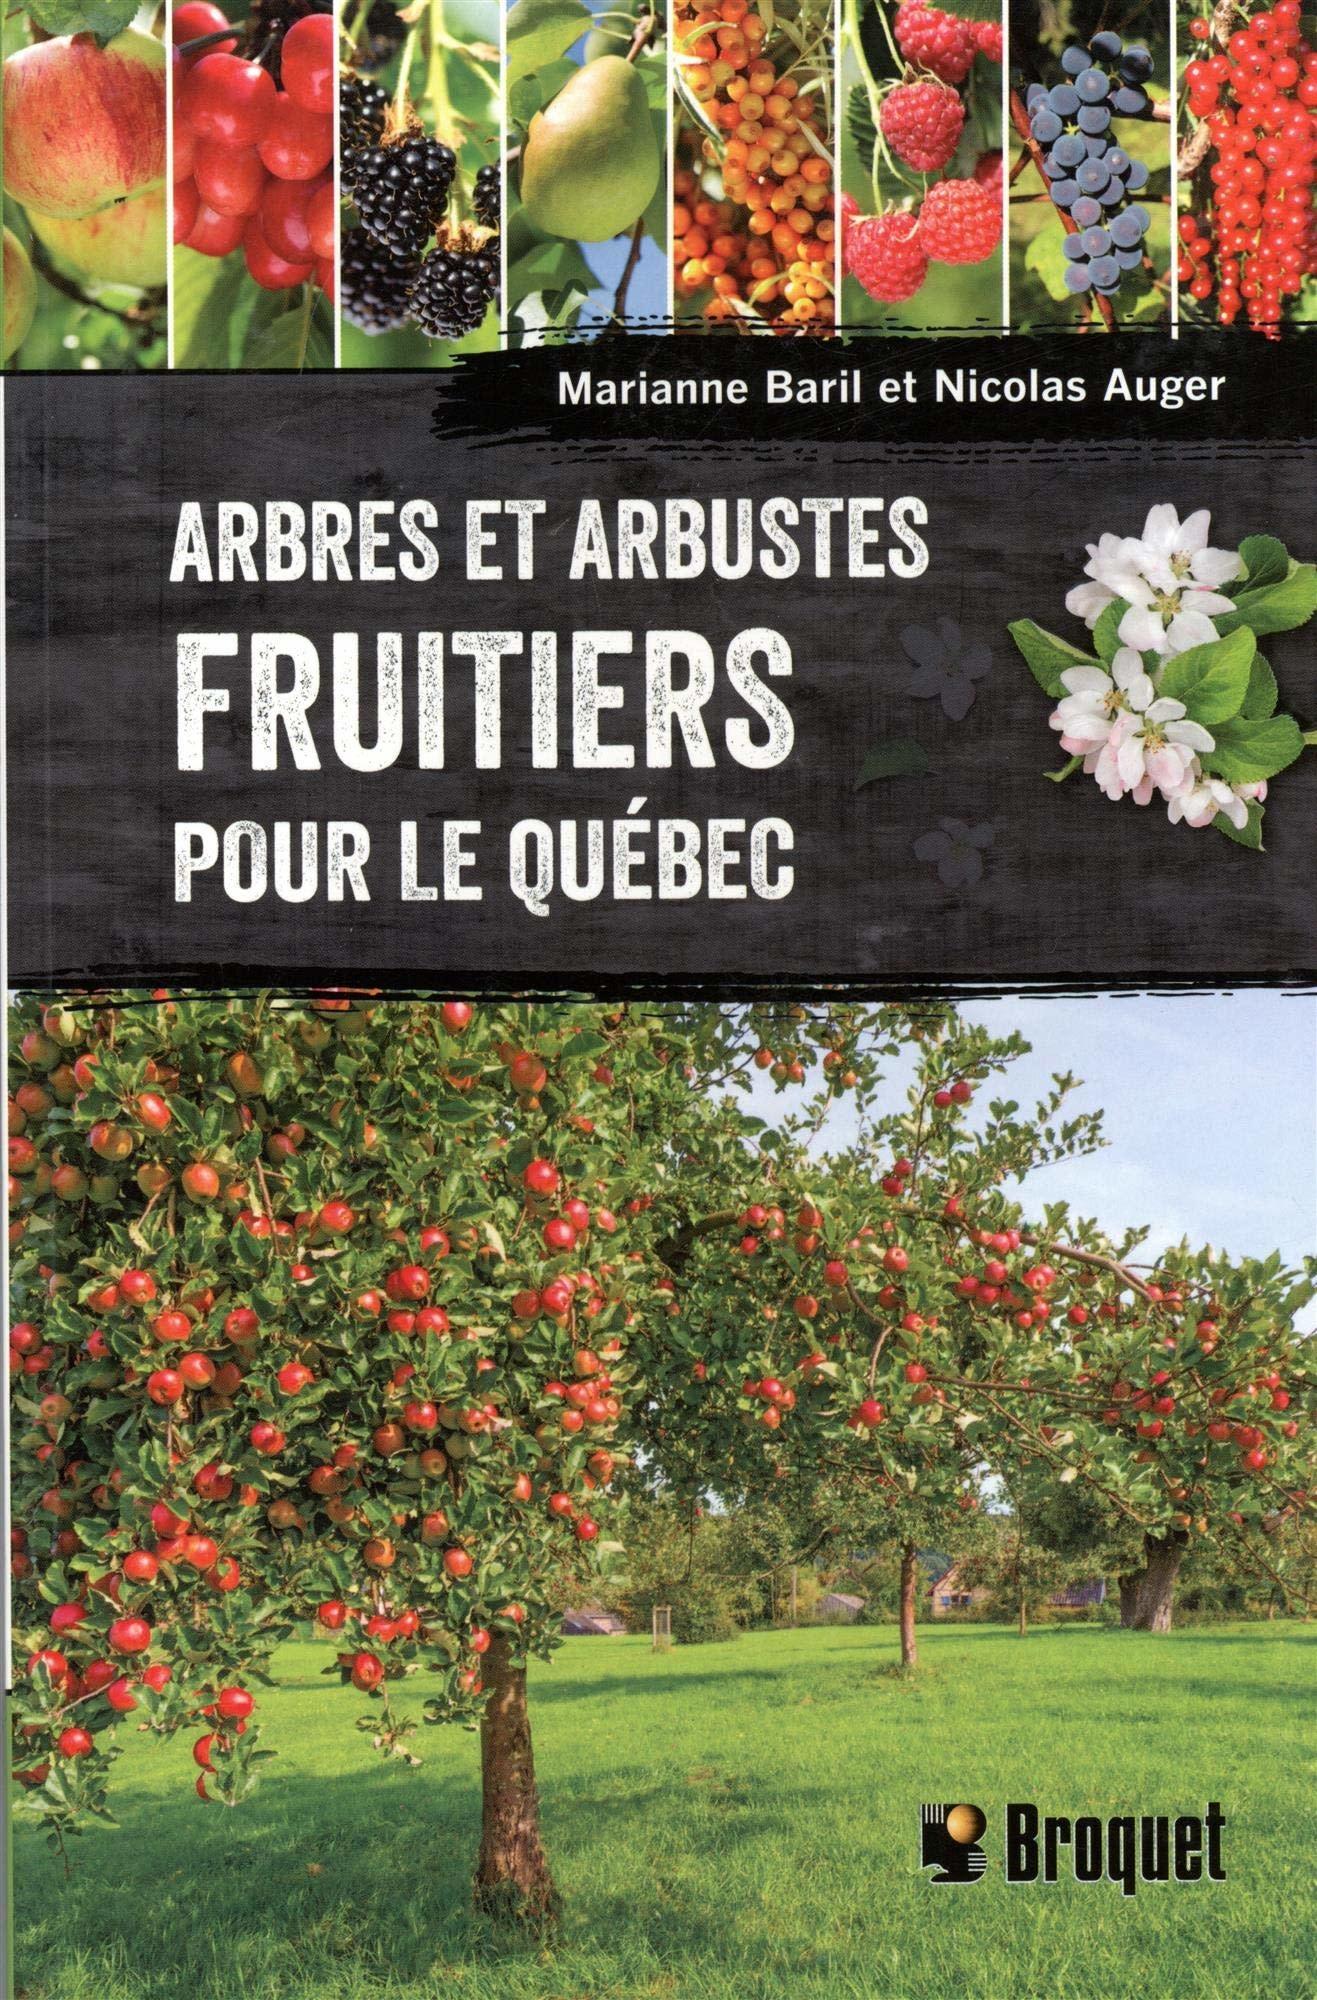 Arbres et arbustes fruitiers pour le Québec - Nicolas Auger - 2019